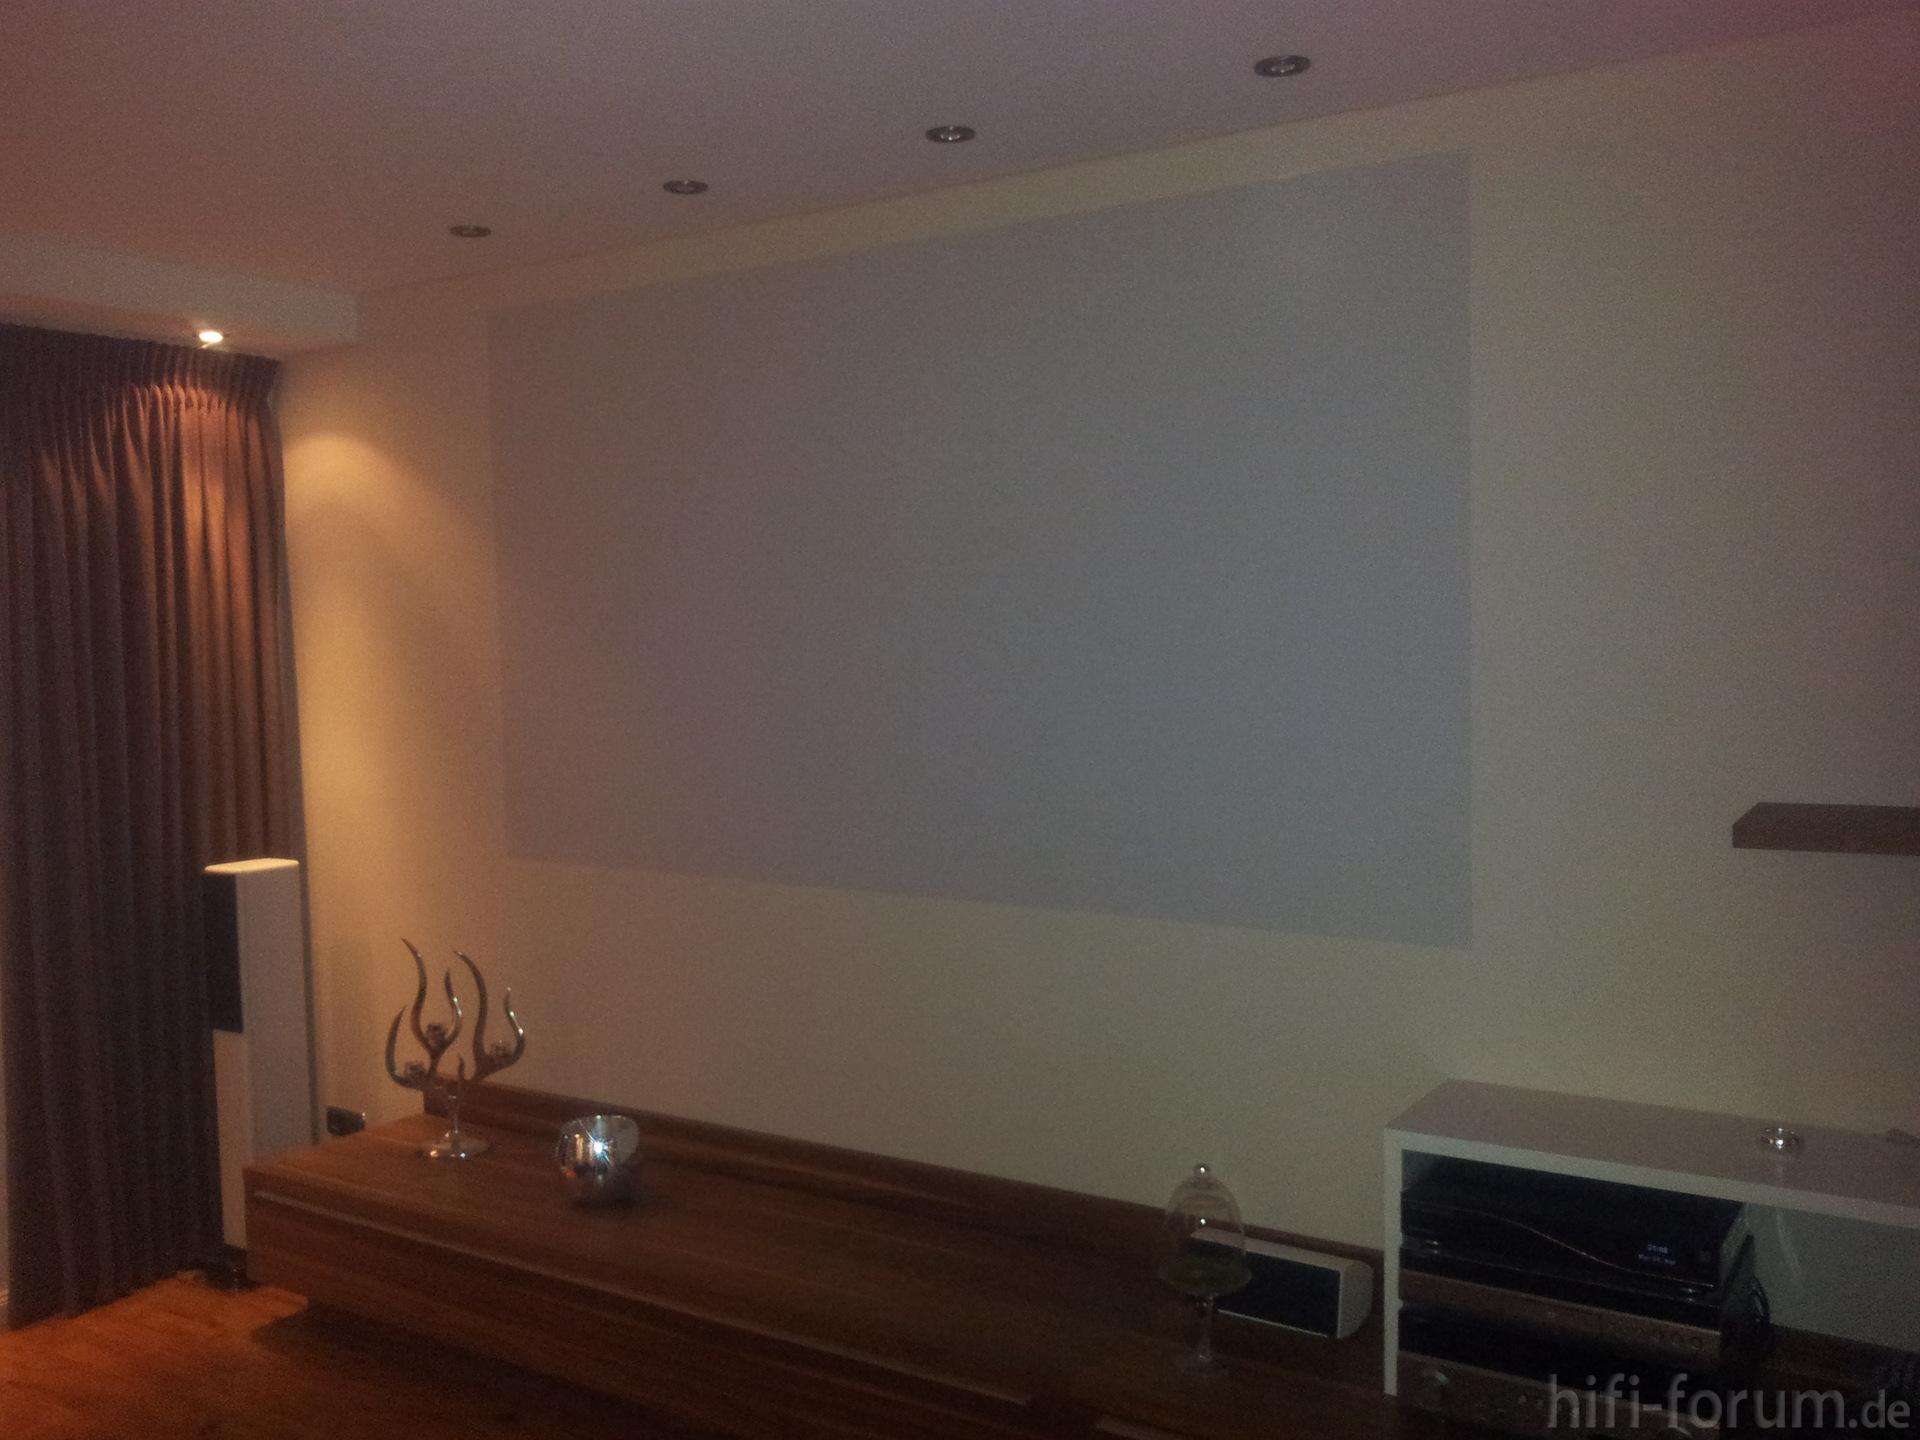 leinwandfarbe ncs code code leinwandfarbe ncs hifi. Black Bedroom Furniture Sets. Home Design Ideas